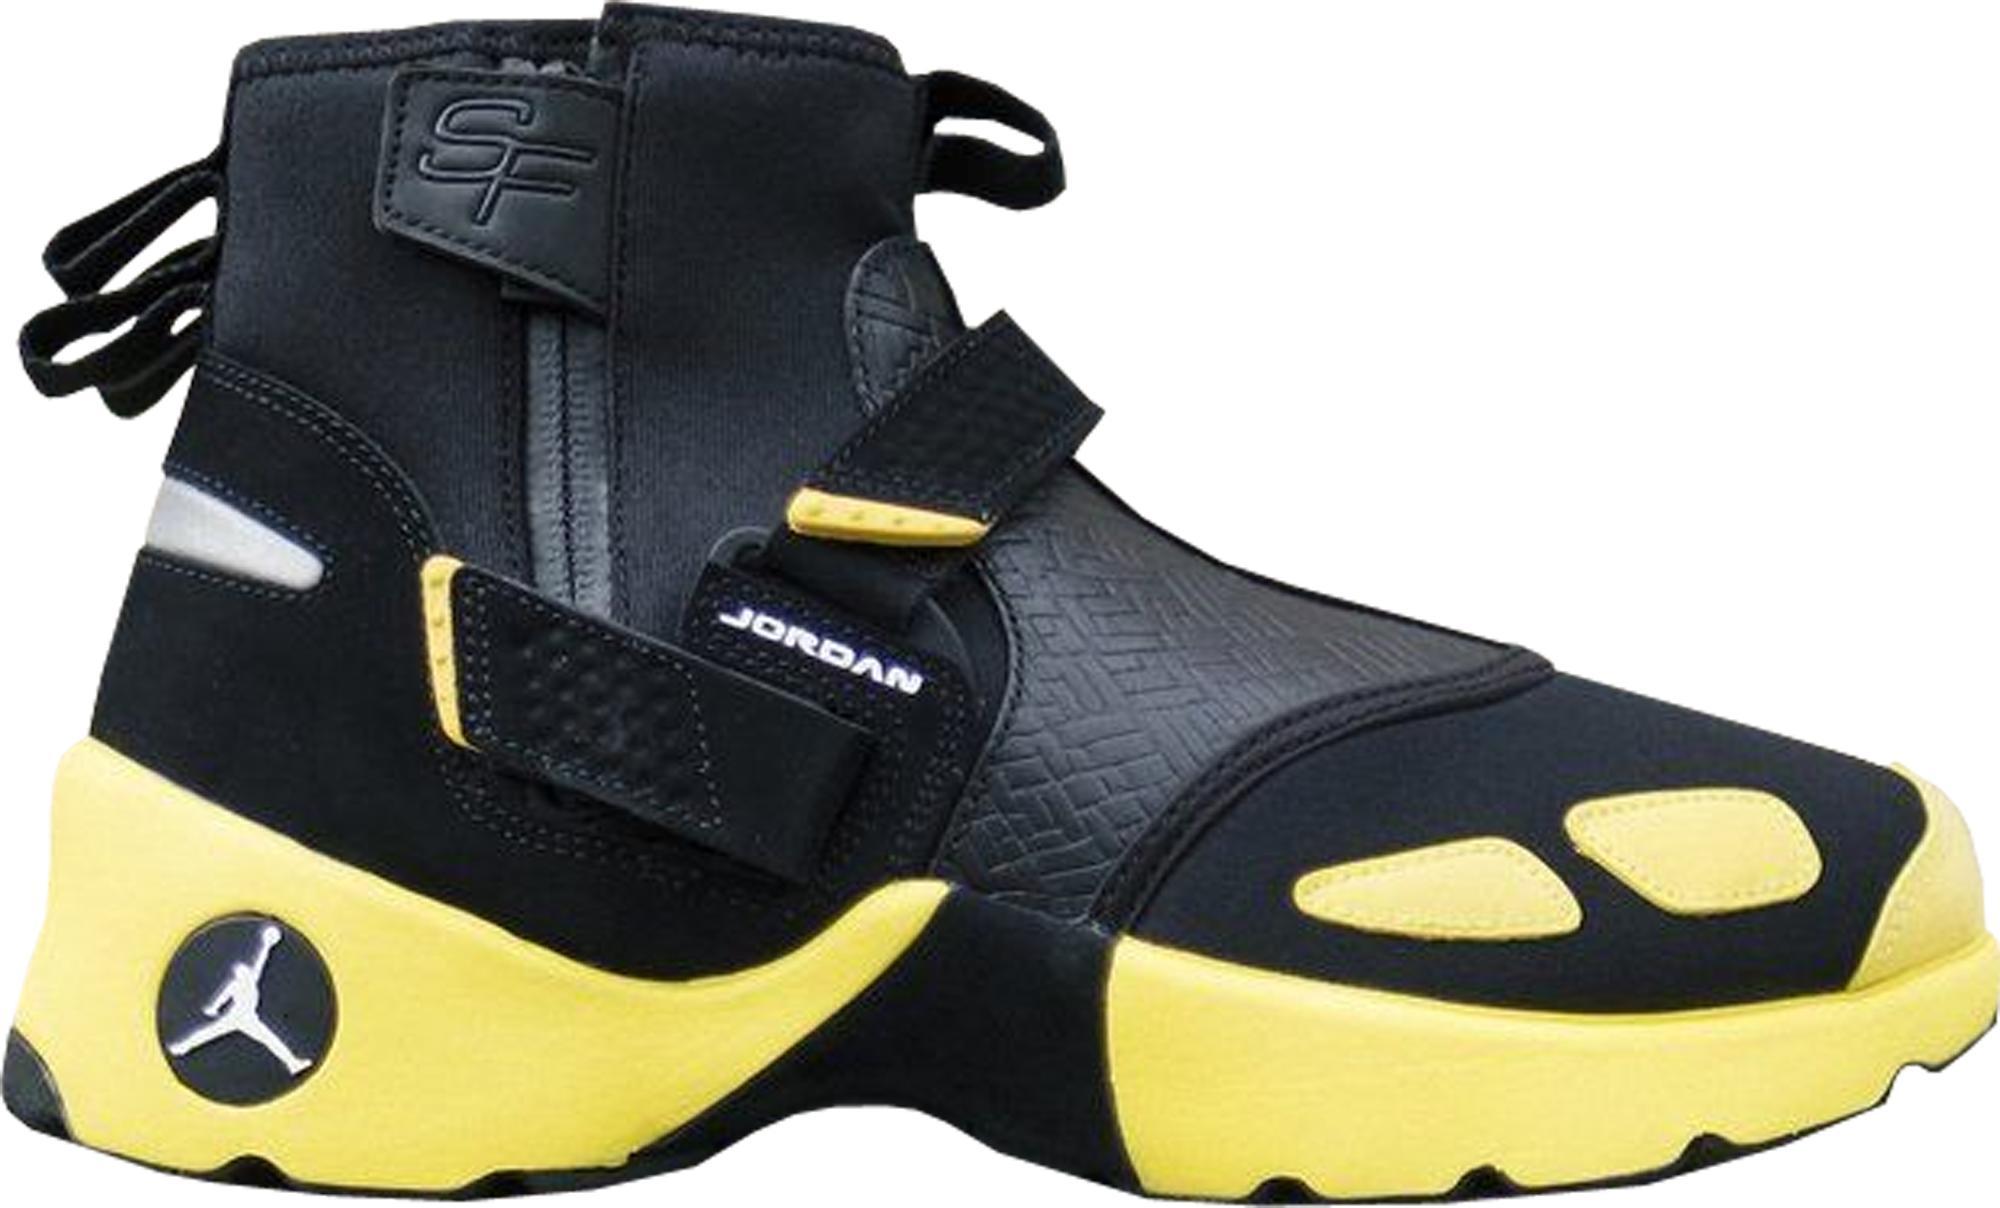 70e45728f44 Lyst - Nike Trunner Lx High Solefly in Black for Men